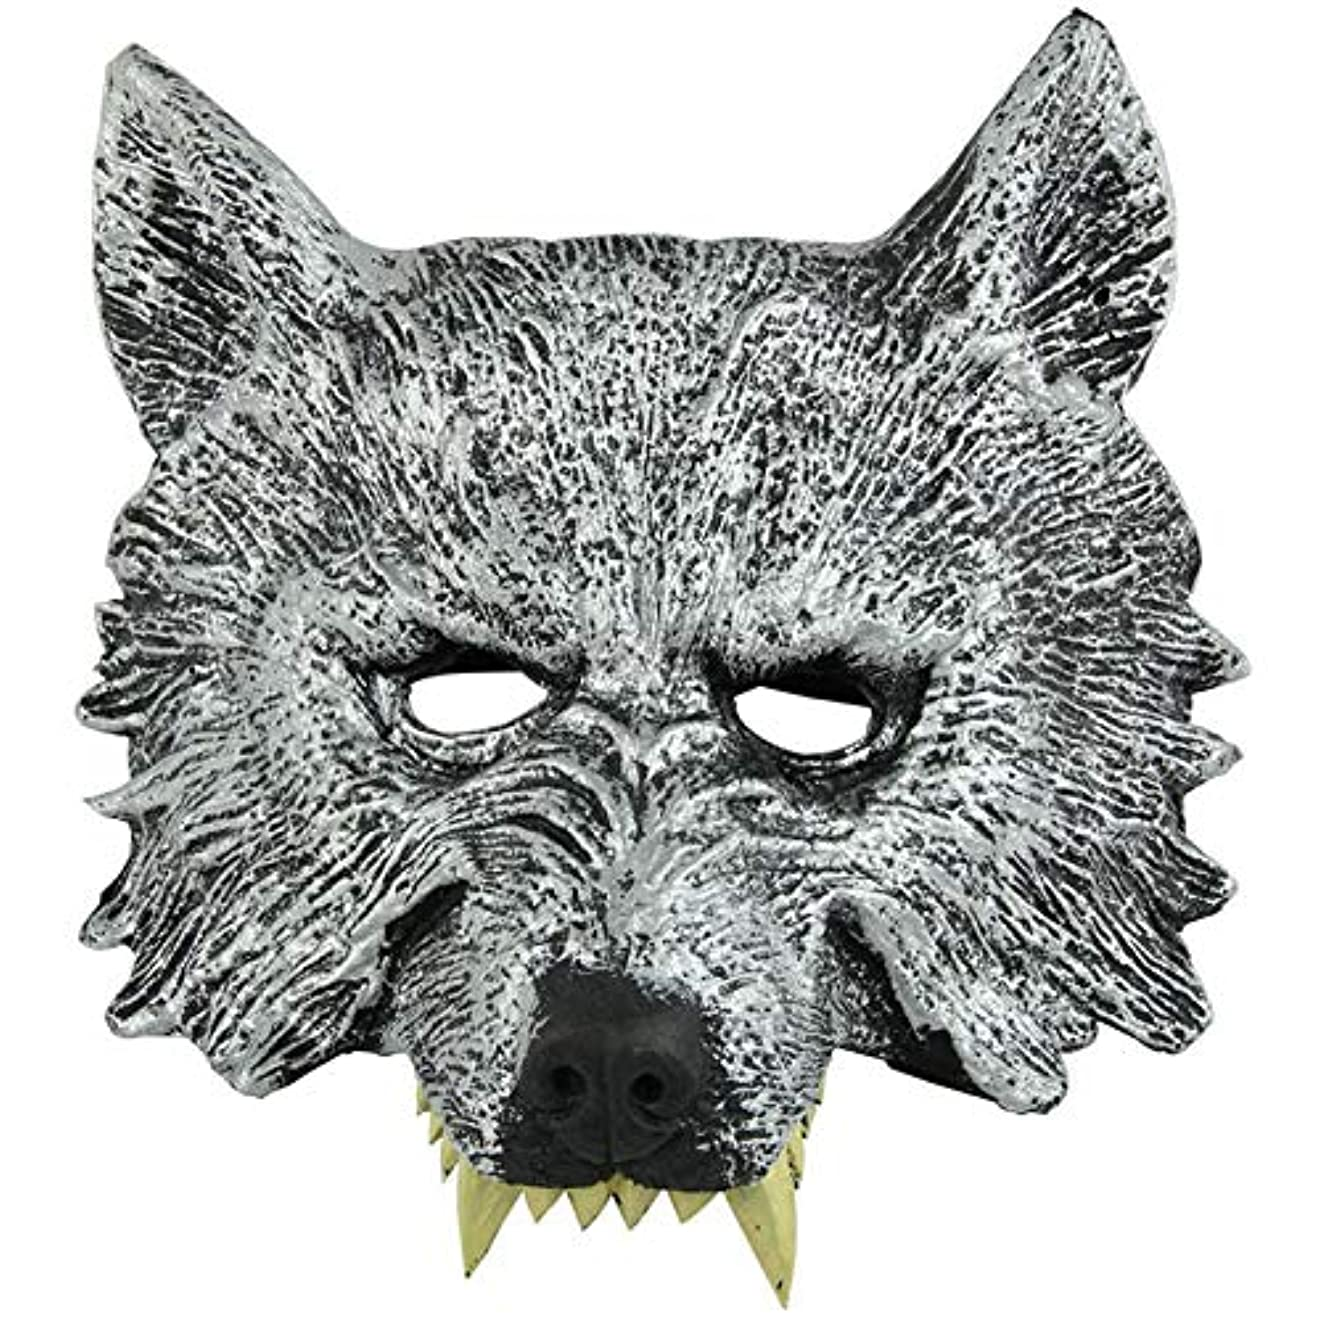 傑出した打たれたトラック一人でオオカミヘッドマスク全身小道具ホリデー用品仮面舞踏会マスクハロウィンマスク